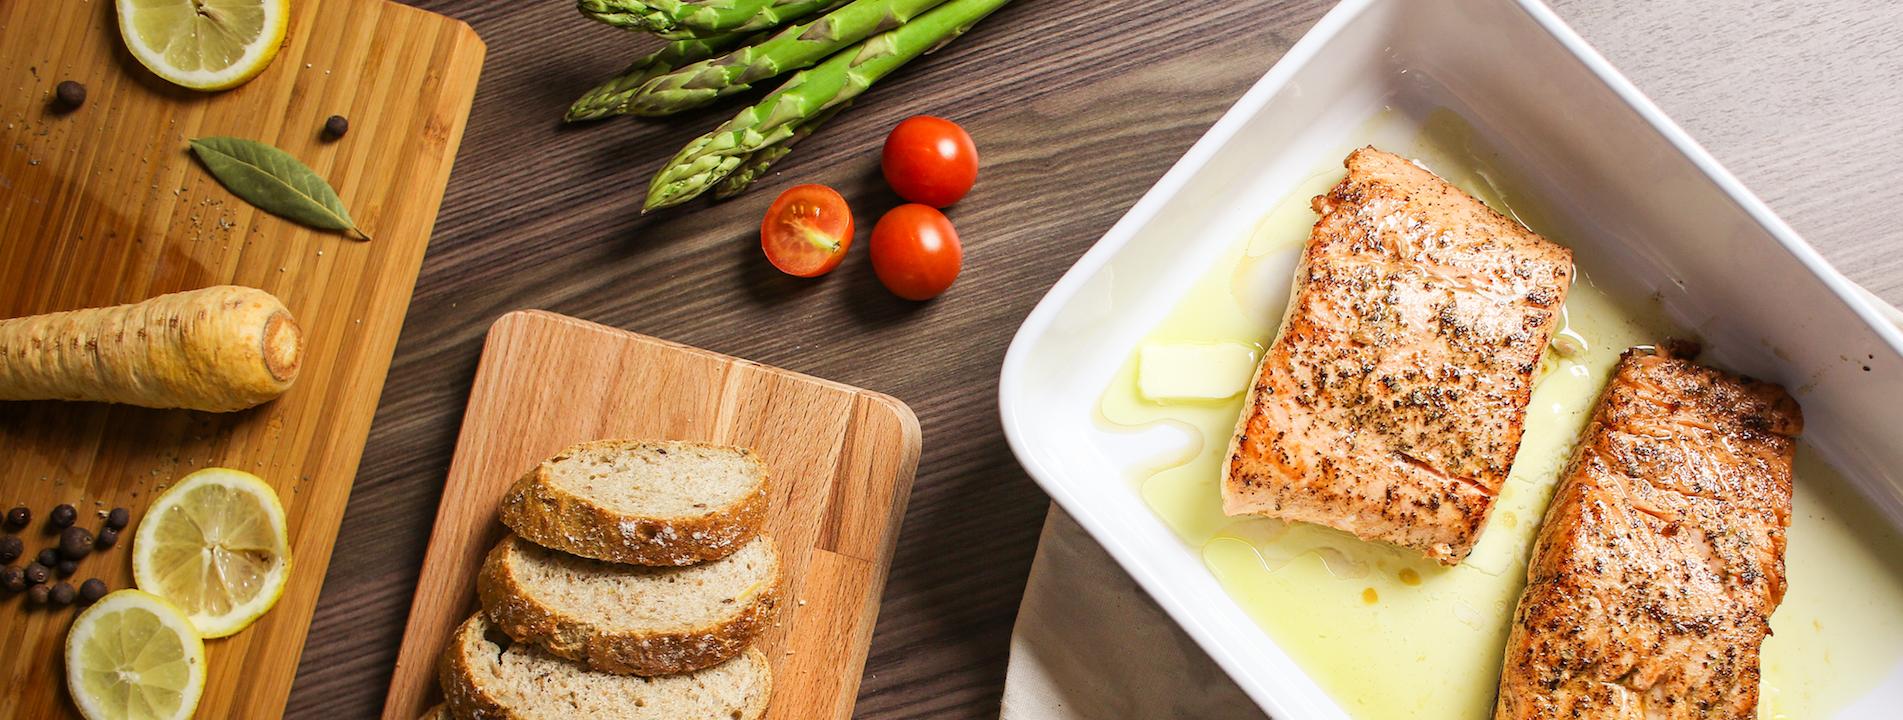 Een tafel vol met gezonde voeding en ingrediënten op snijplankjes (Gember, citroen, zalm, brood, tomaat, asperges)